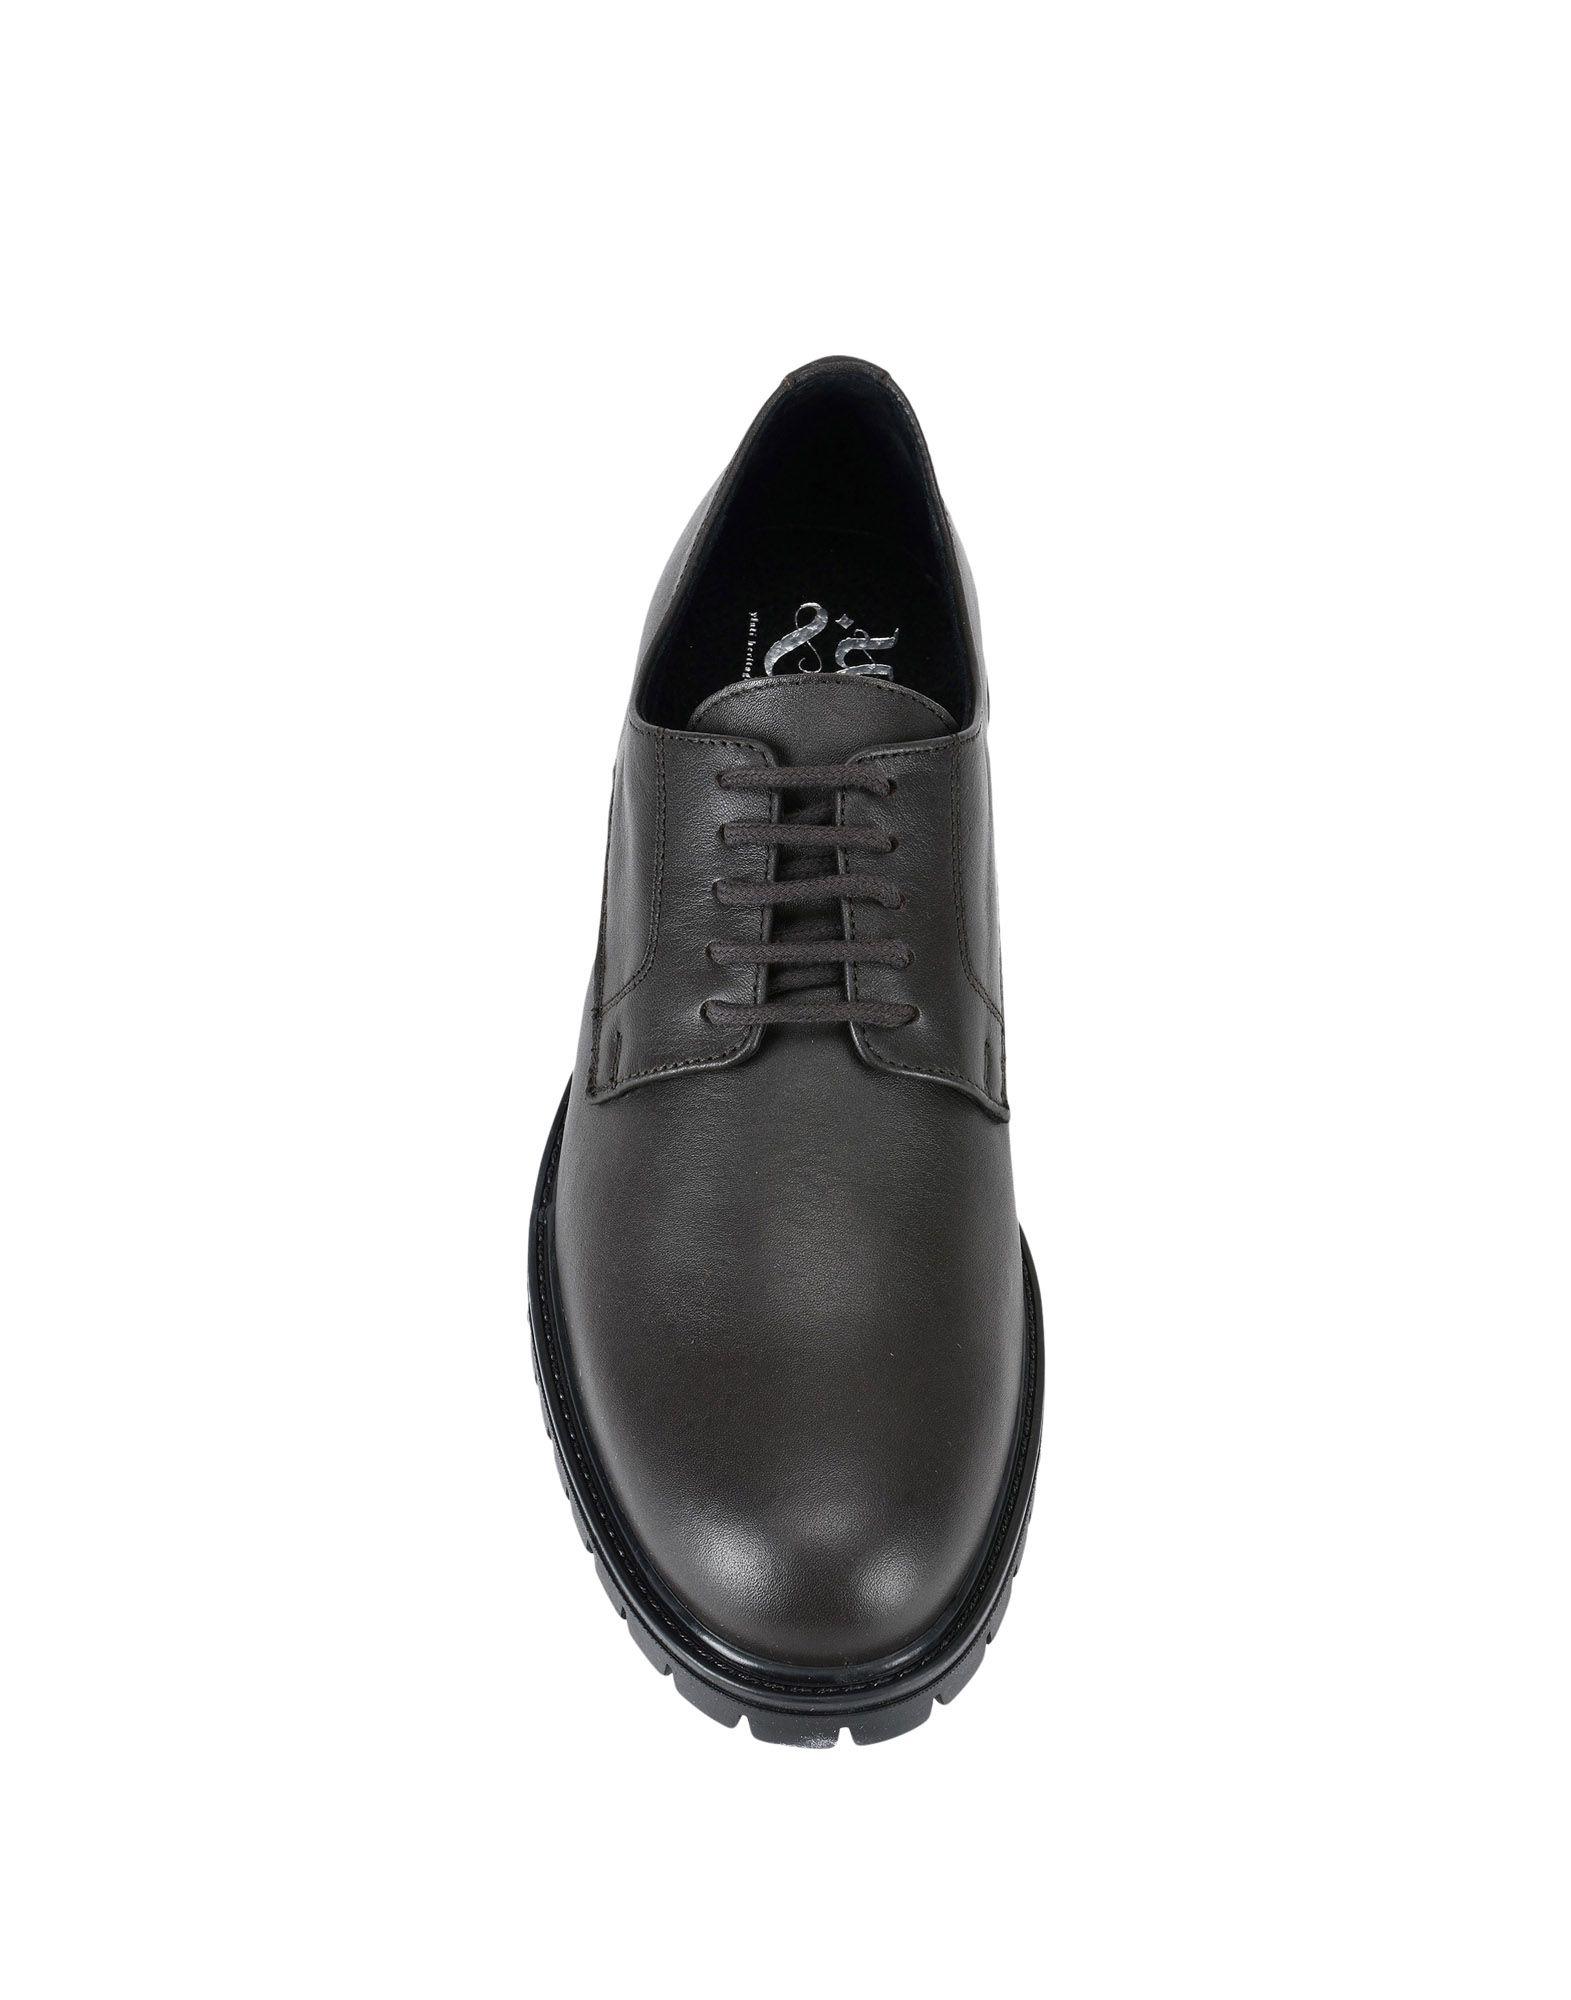 Ylati Heritage Gute Schnürschuhe Herren  11482911TI Gute Heritage Qualität beliebte Schuhe c49631